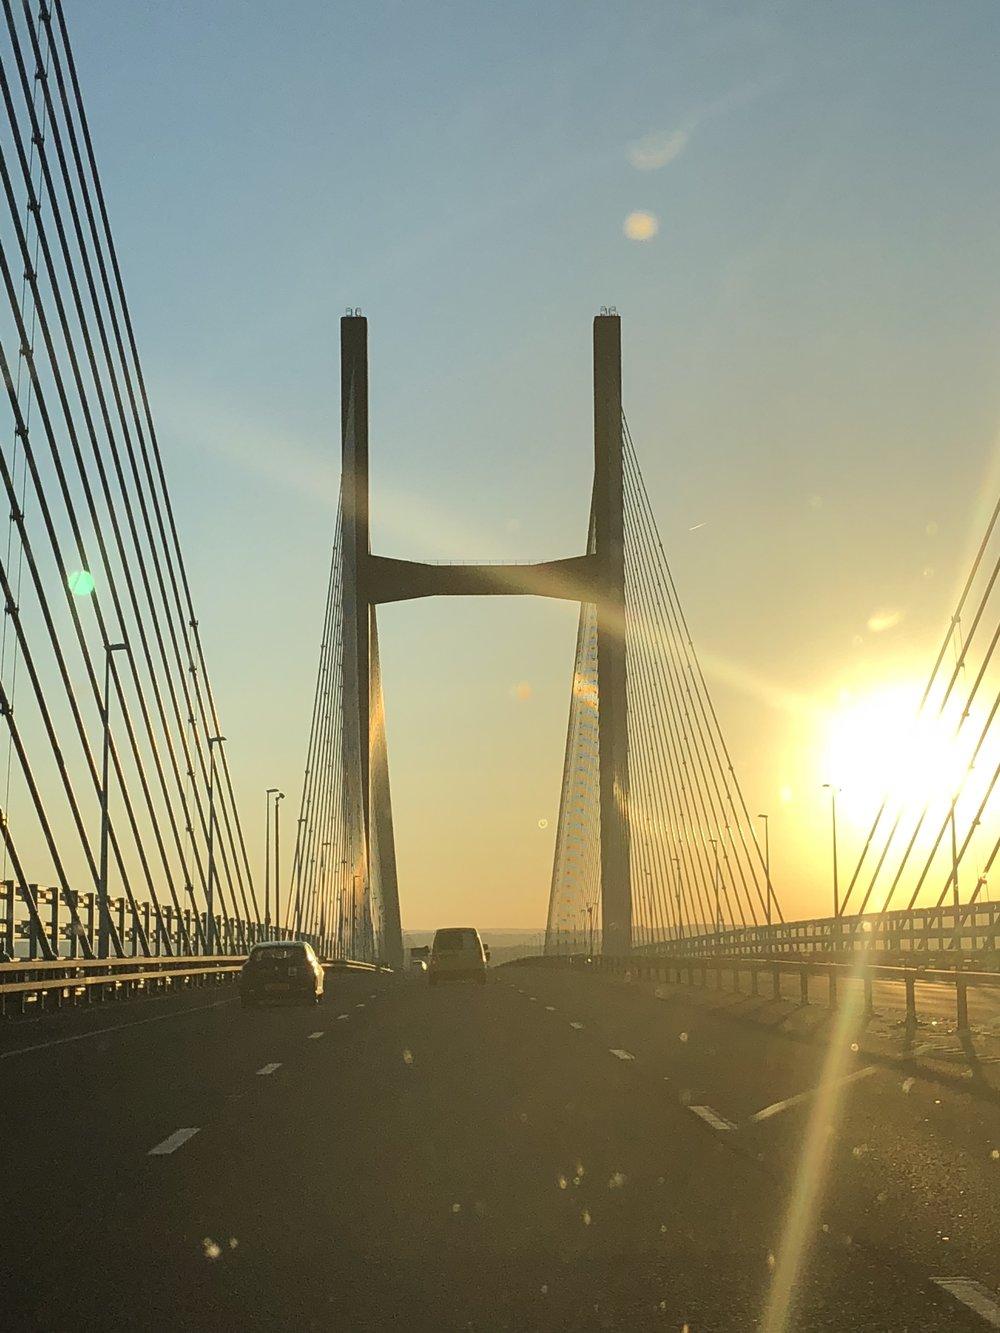 Such a beautiful bridge.